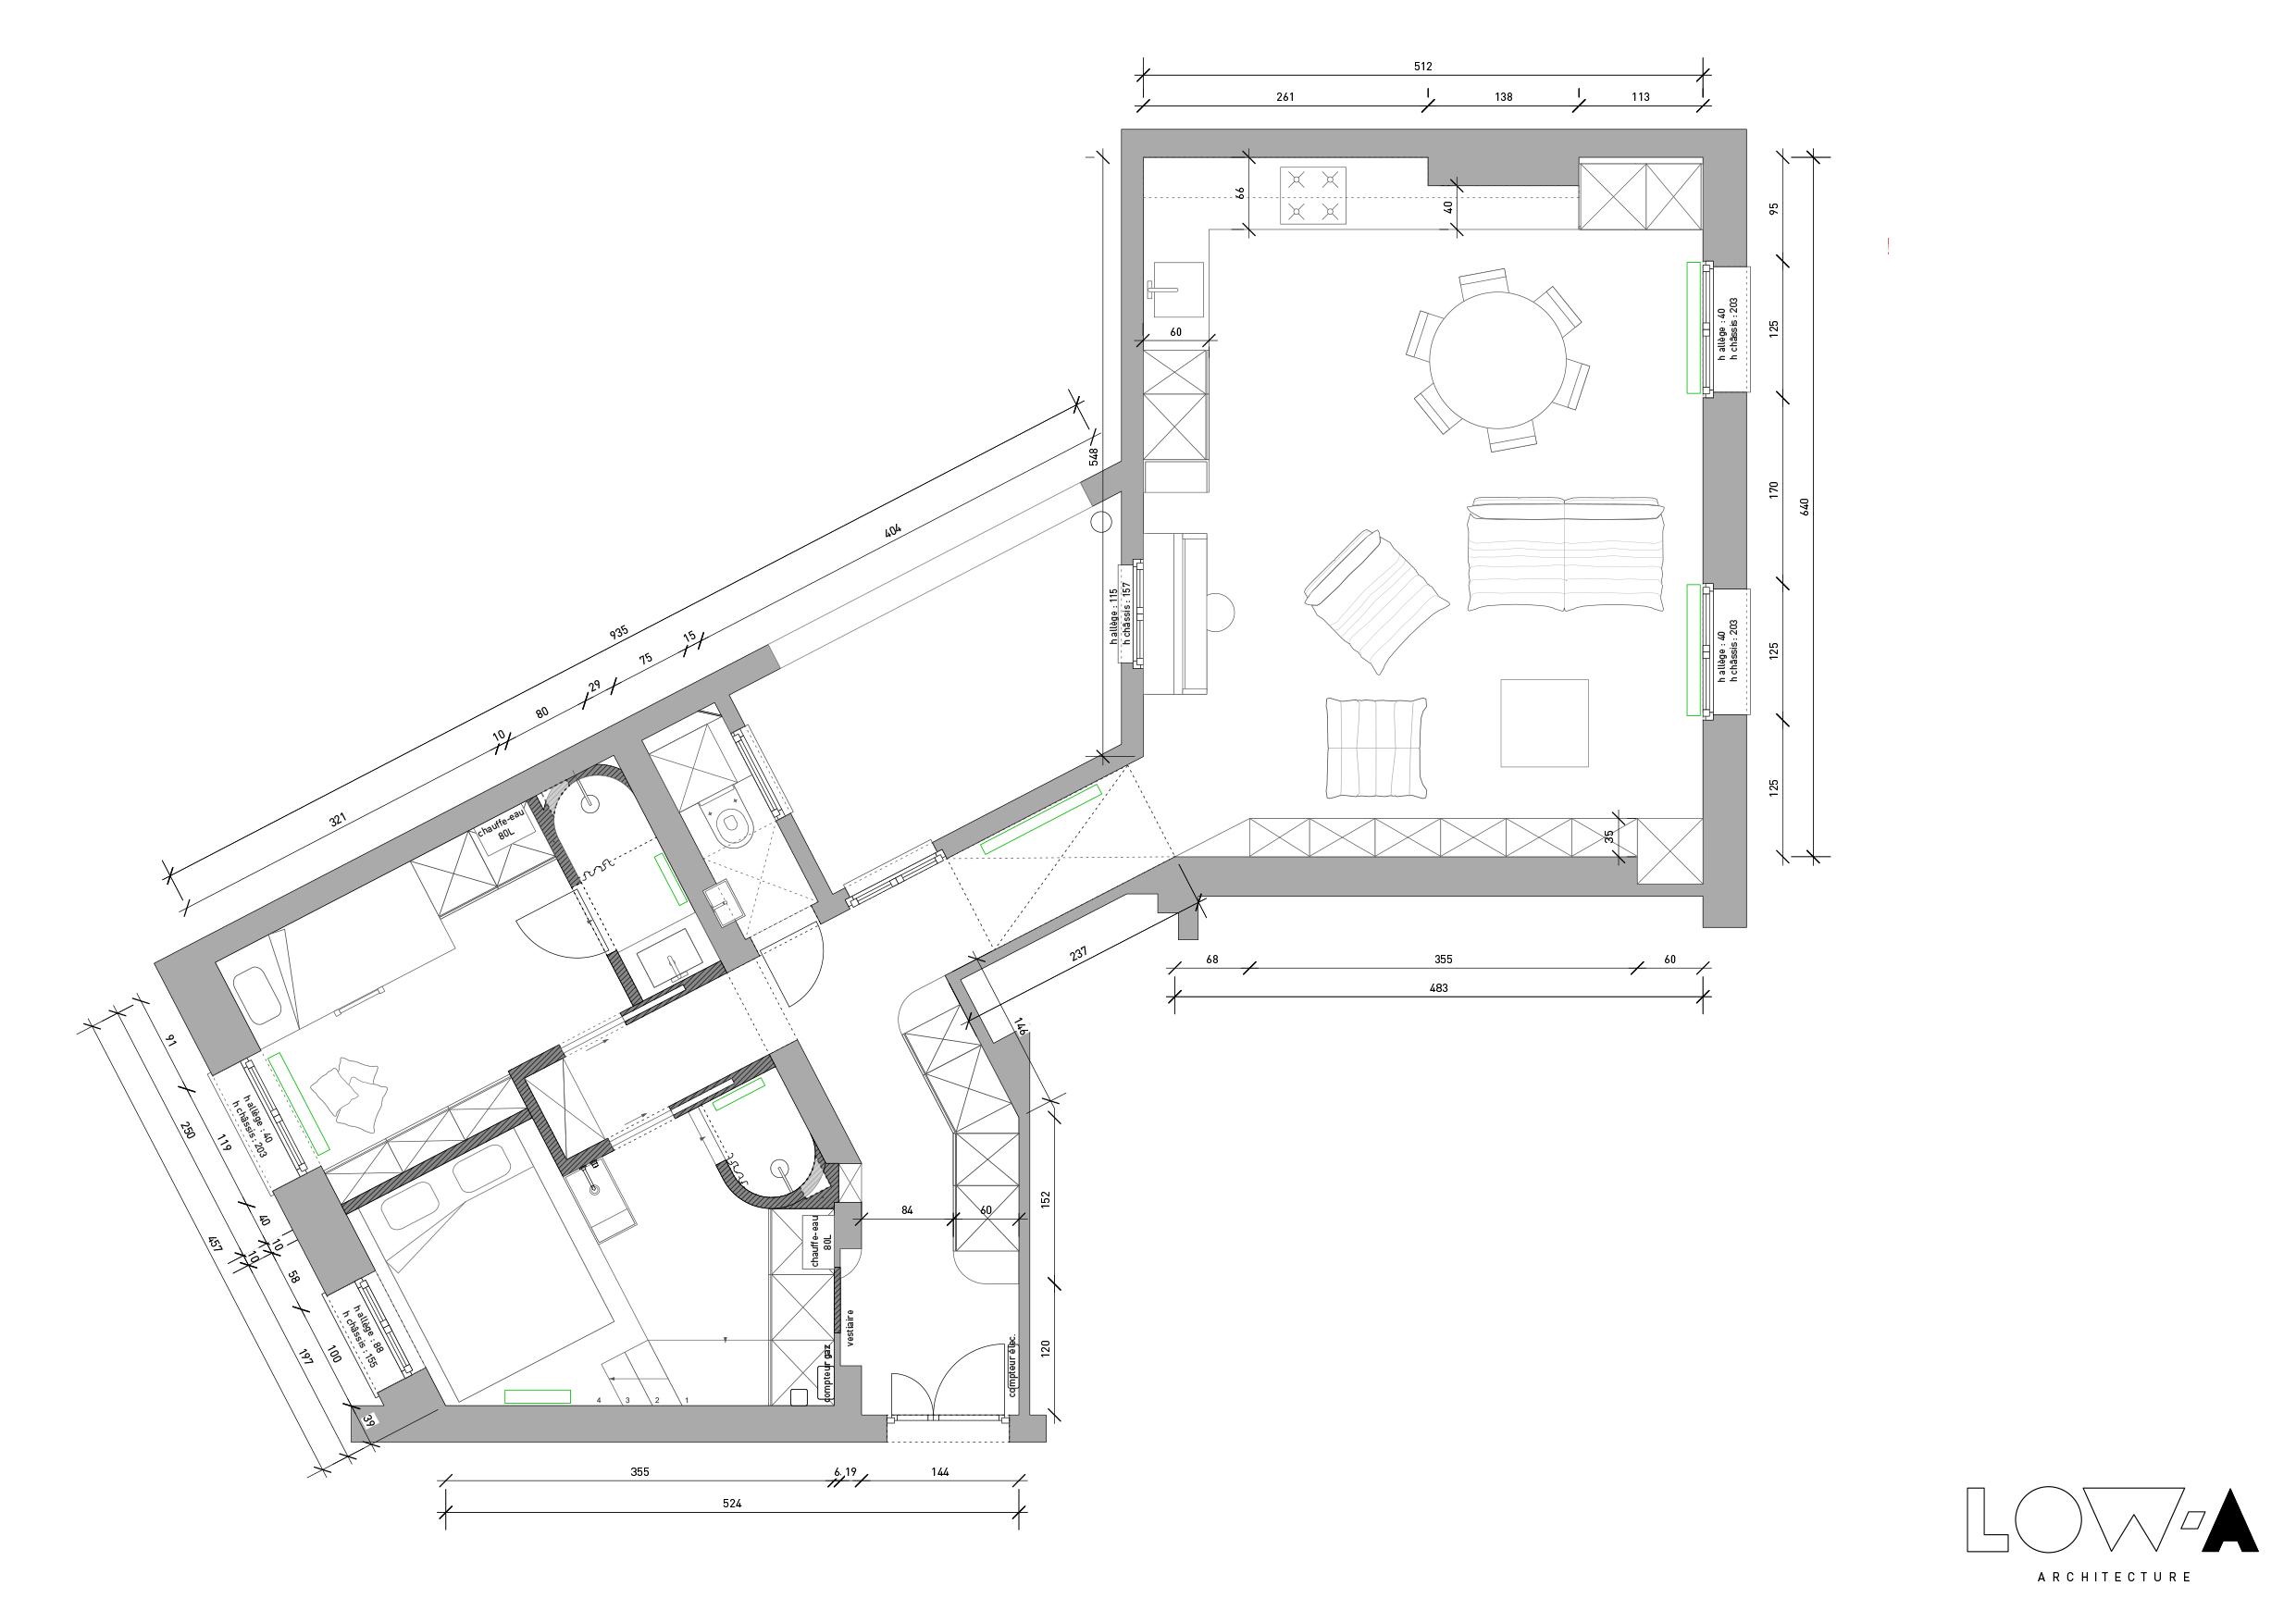 rénovation Paris architecte